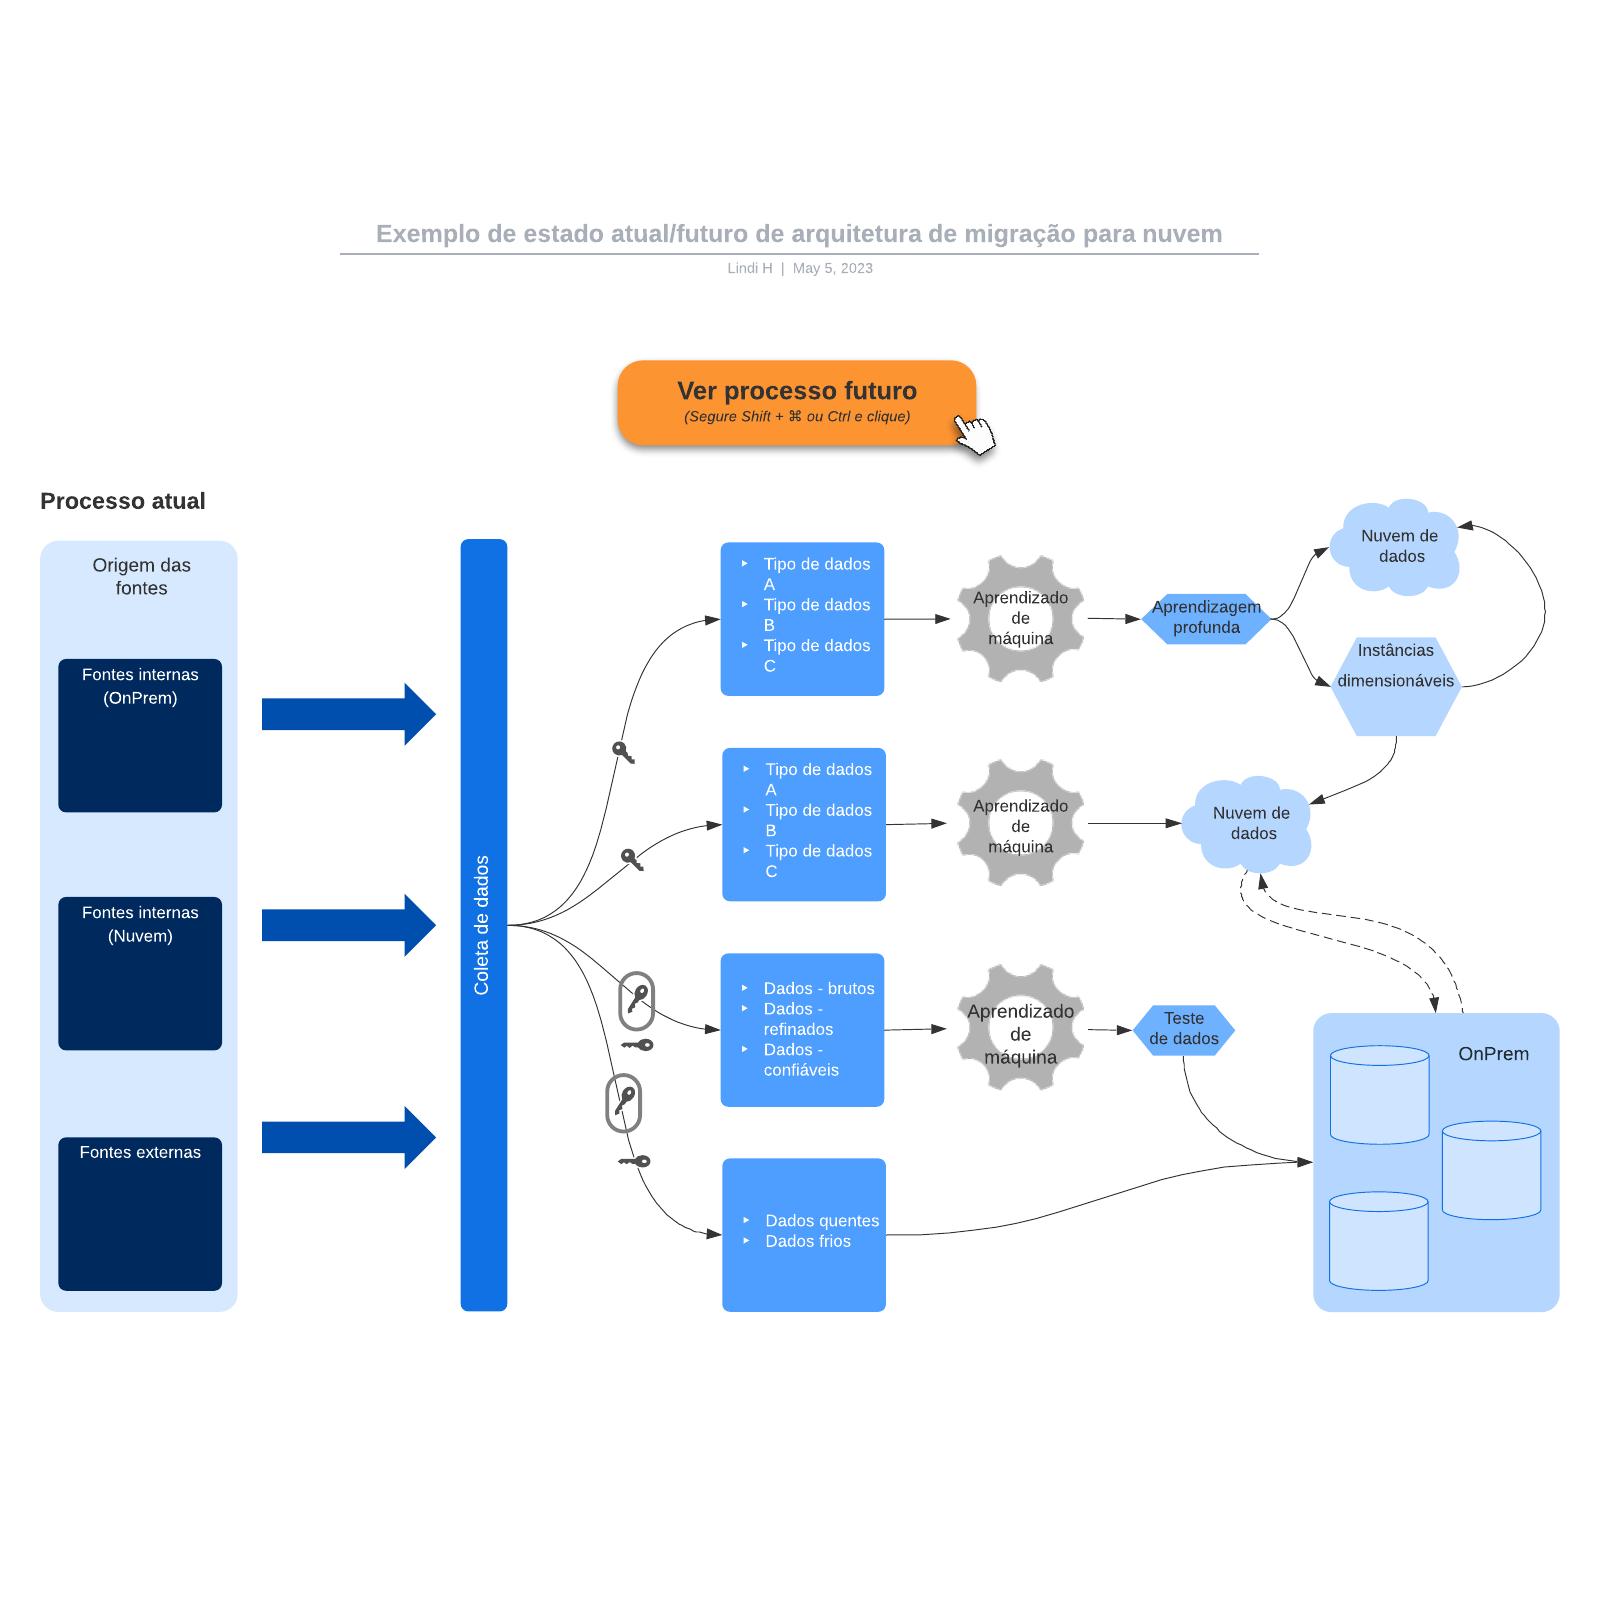 Exemplo de estado atual/futuro de arquitetura de migração para nuvem